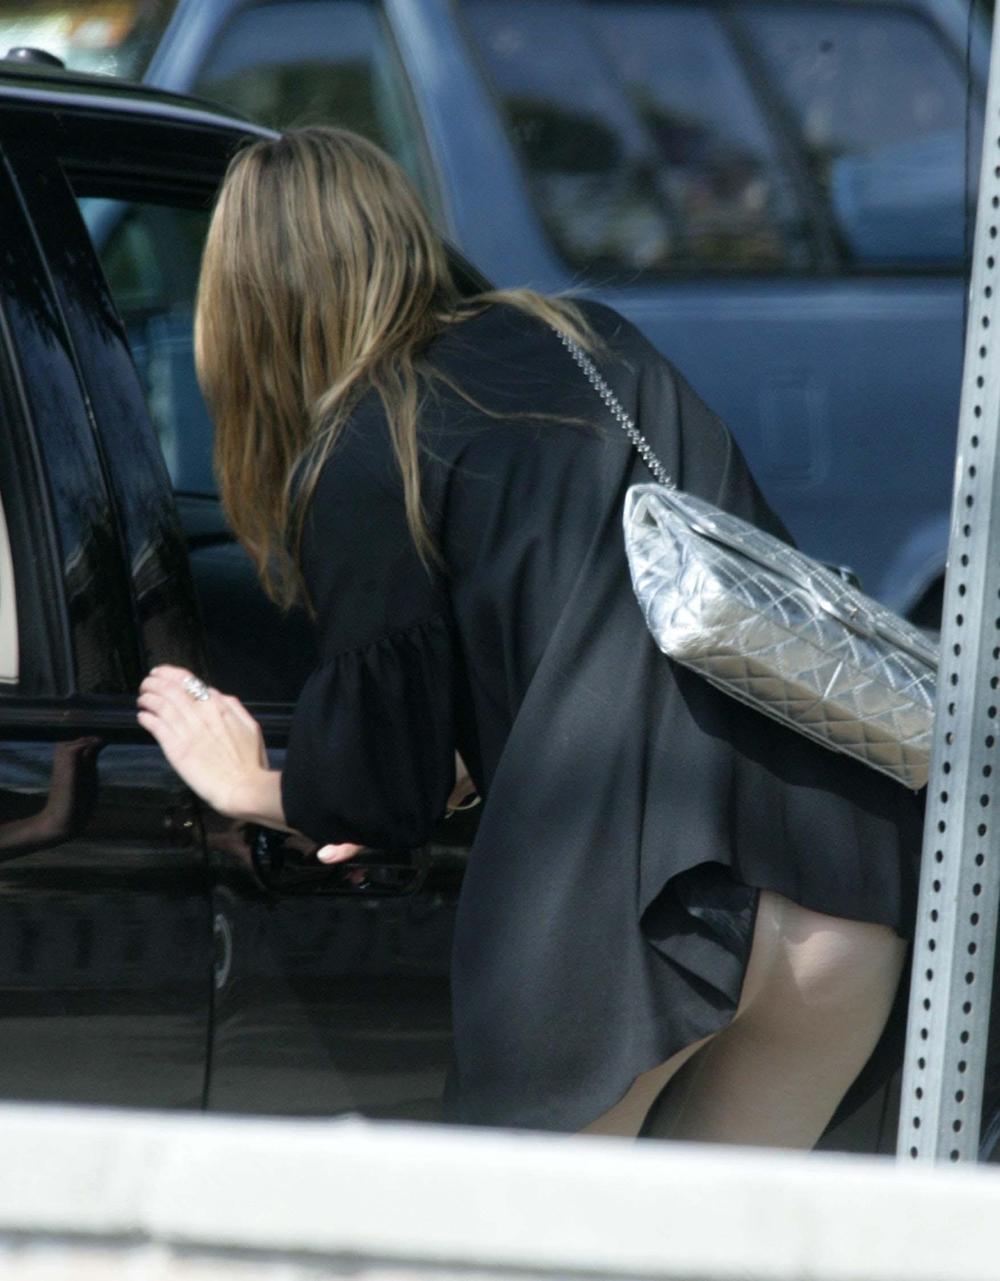 【パンチラエロ画像】(見えてるよー…)と心の中でだけwスカート引っ掛けてパンツ見えっ放しな女子www 19